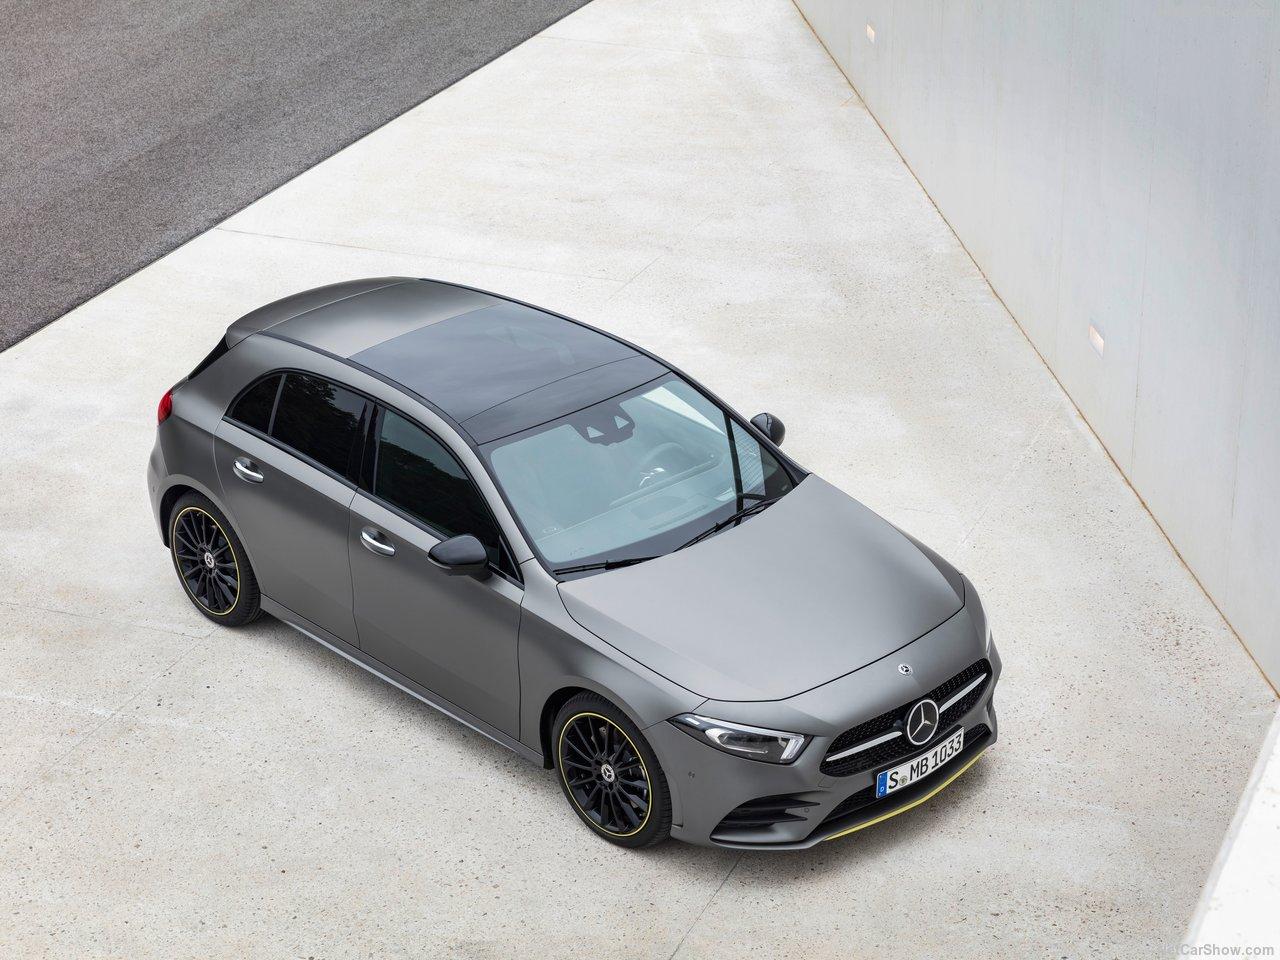 Mercedes-Benz-A-Class-2019-1280-04.jpg